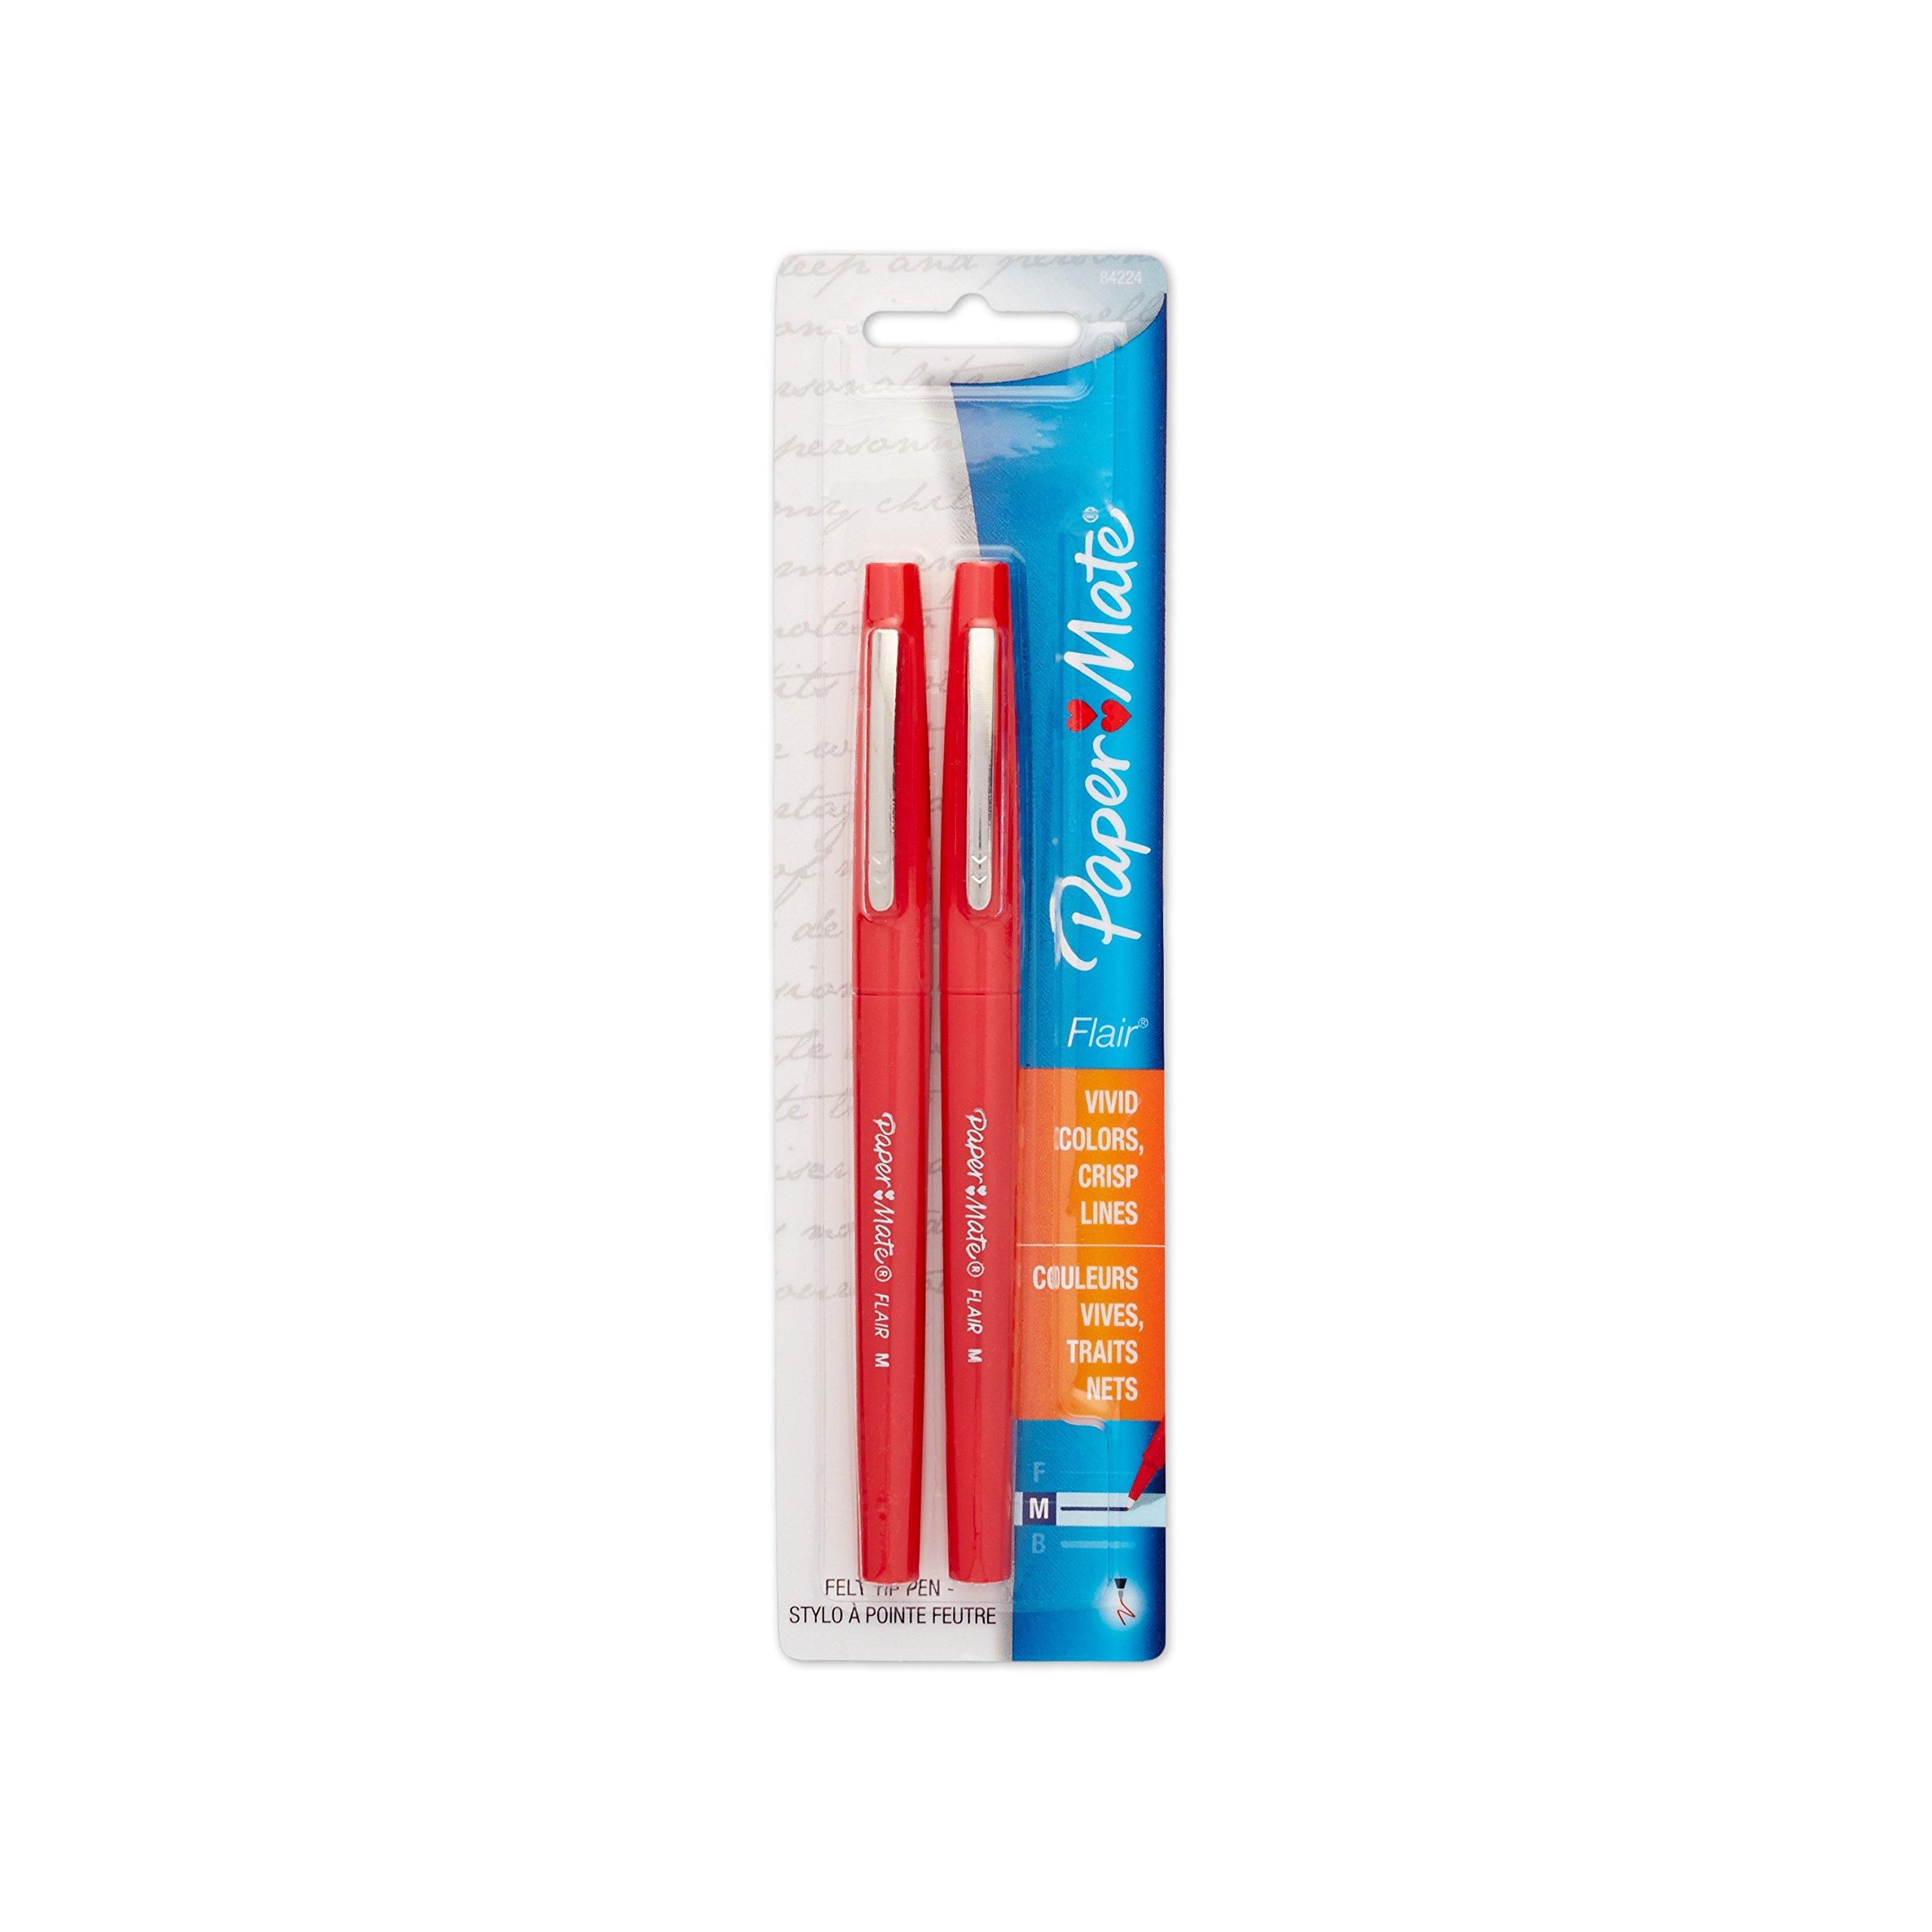 Paper Mate Flair Porous-Point Felt Tip Pen, Medium Tip, 2-Pack, Red (8422452PP)